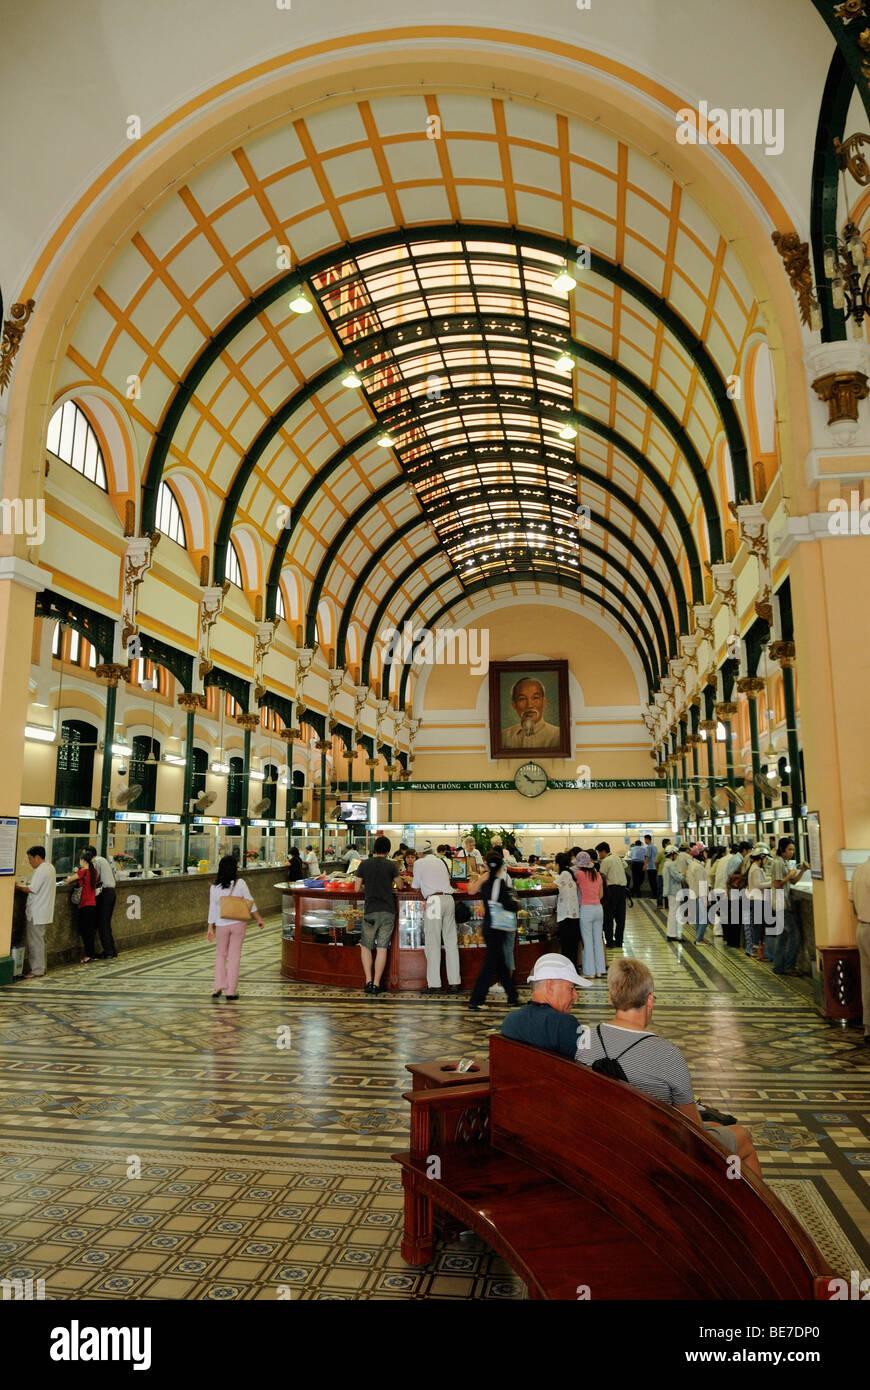 Französisch-kolonialen Gebäude, Interieur der Hauptpost, Saigon, Ho-Chi-Minh-Stadt, Vietnam, Asien Stockbild